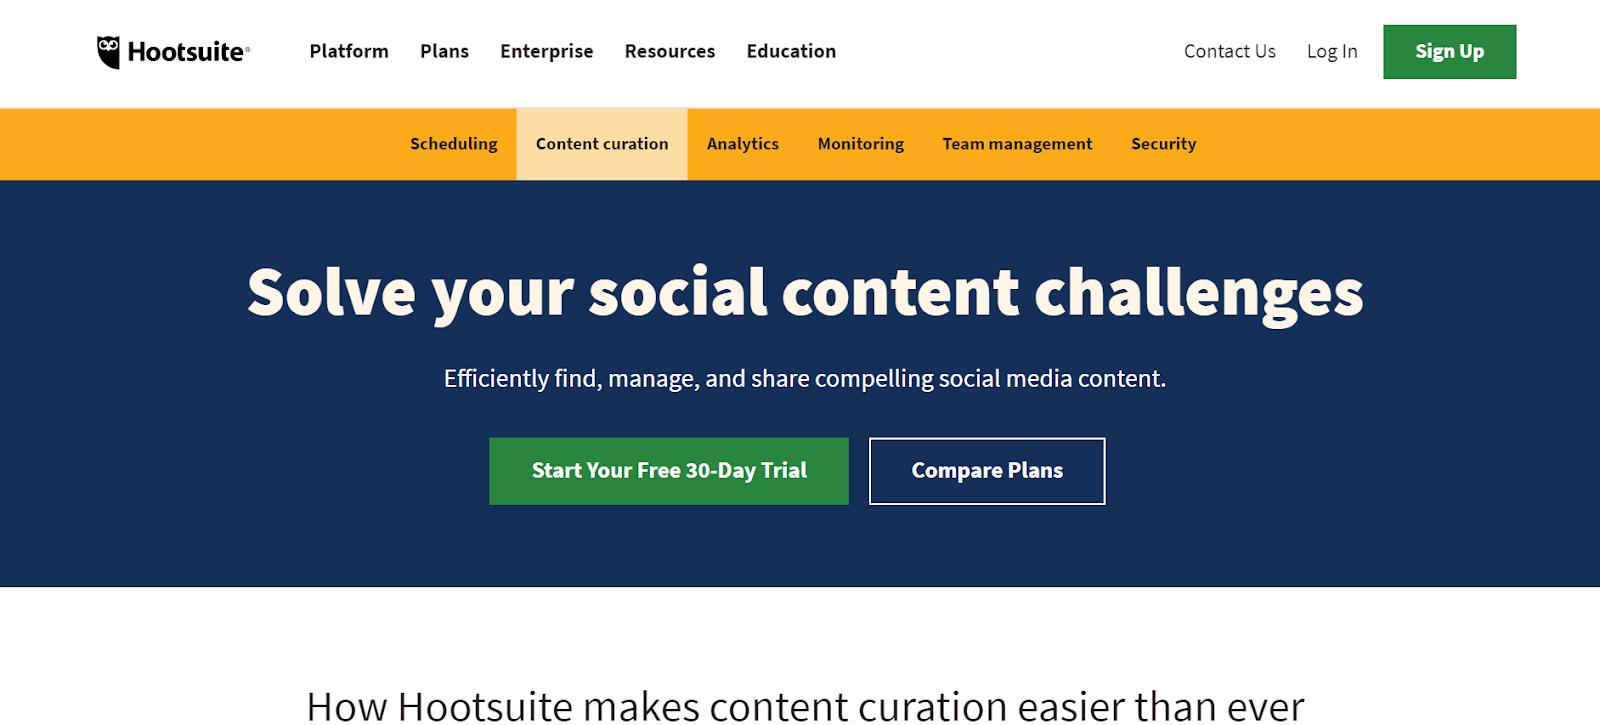 Hootsuite BuzzSumo Alternatives